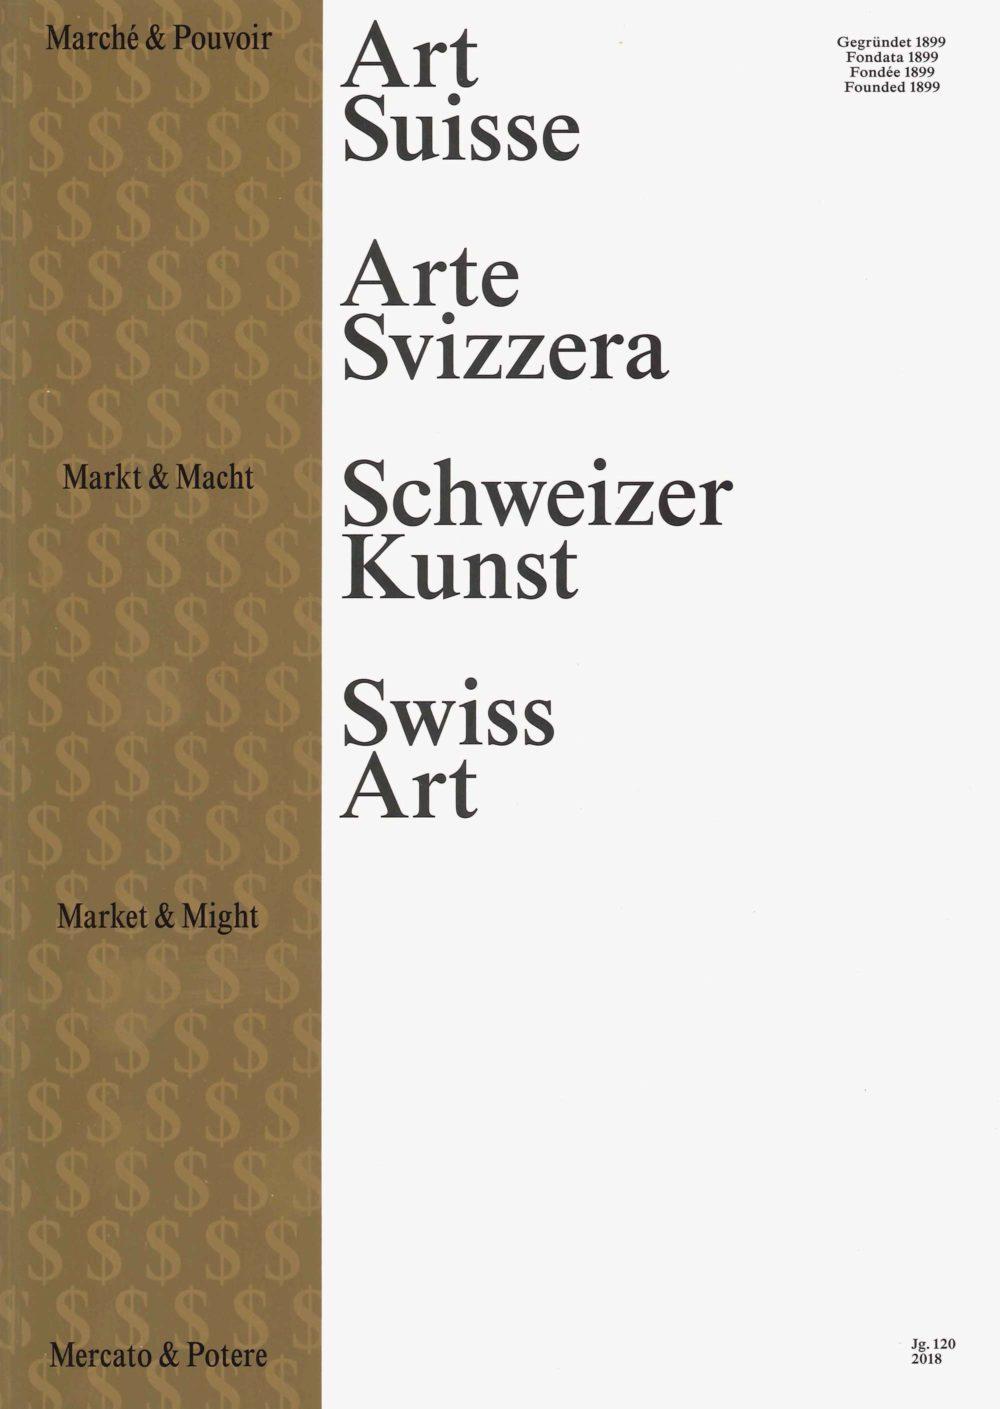 La nuova edizione dell'«Arte Svizzera» è pubblicata!